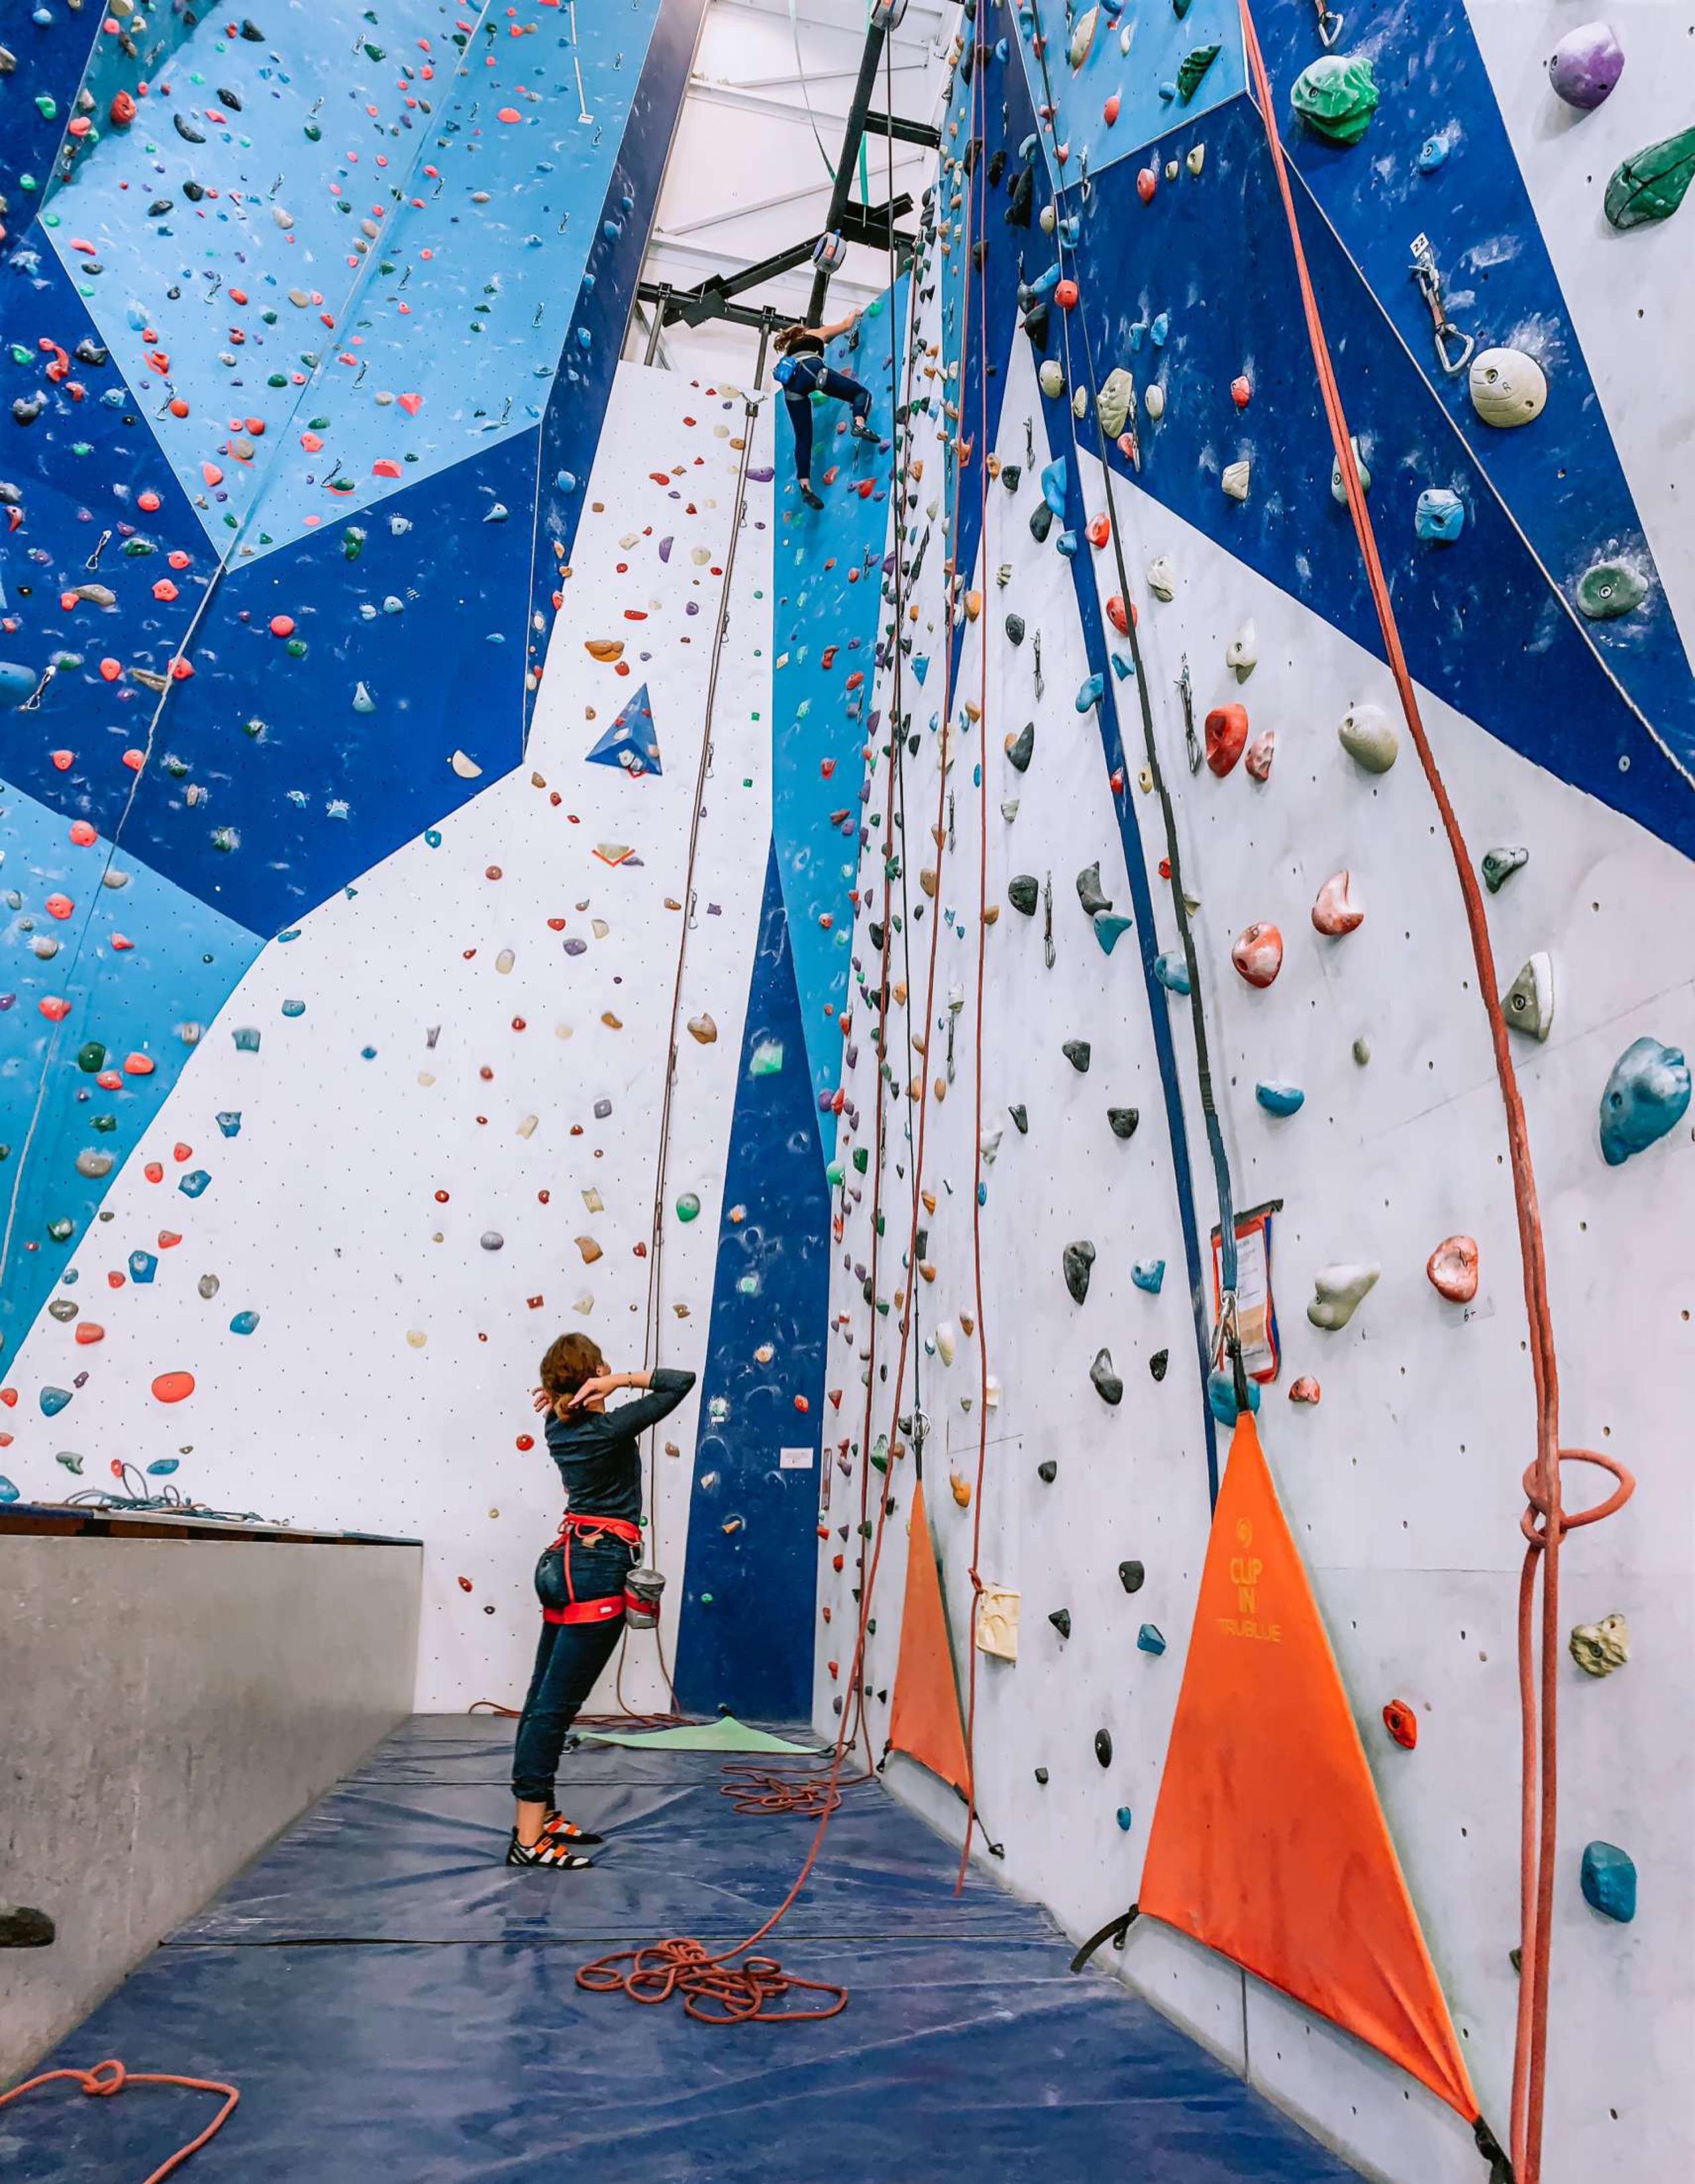 Climbing wall at Tindesenteret